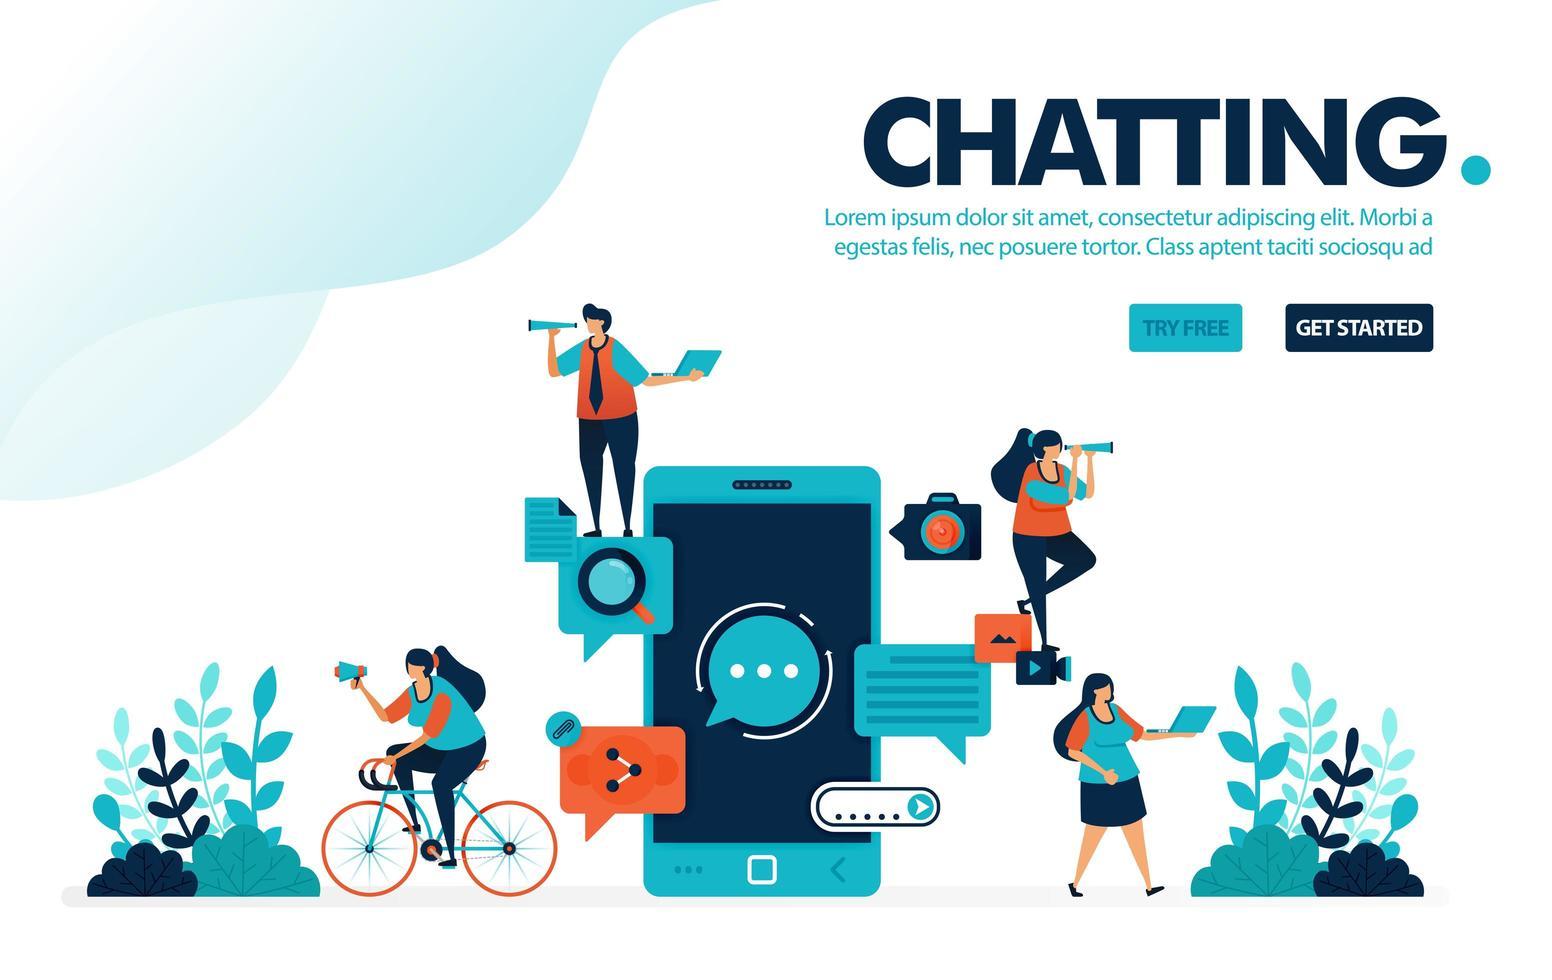 vektor illustration chatt appar. människor chattar med mobilapplikation. chattappar för kommunikation, skicka och ta emot meddelanden. designad för målsida, webb, banner, mall, flygblad, affisch, ui